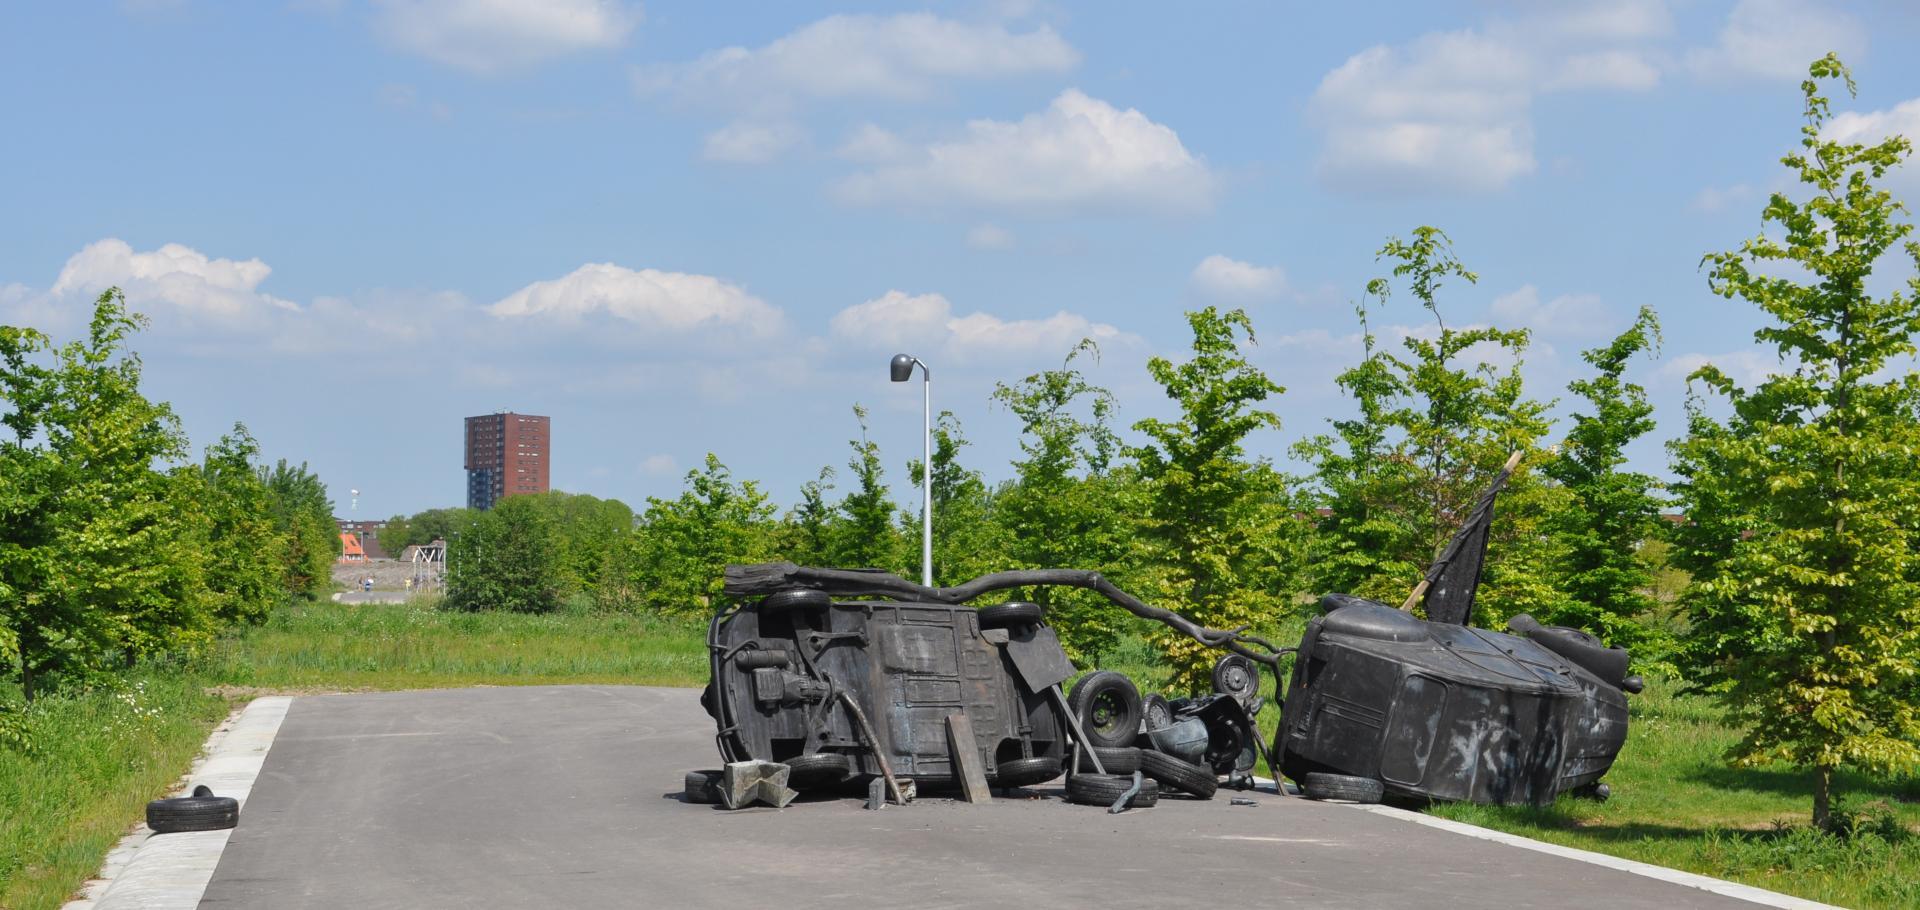 foto van kunstwerk in maximapark barricade